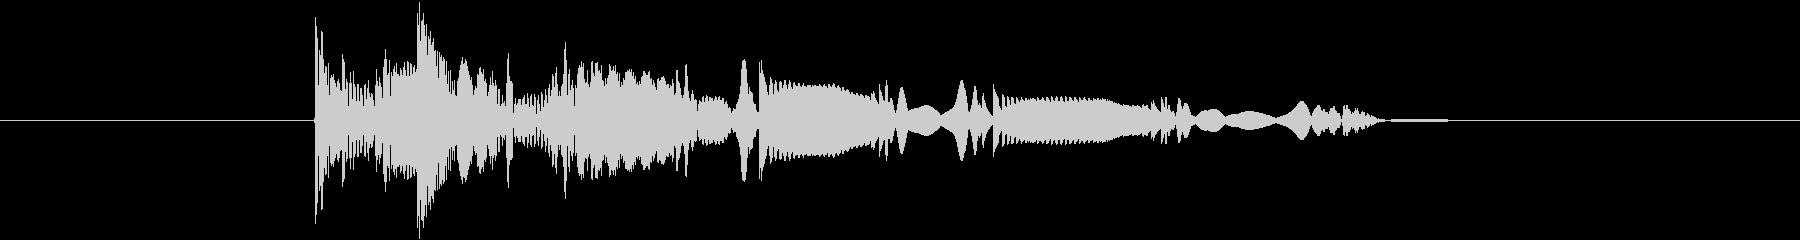 科学 フィクション 通知06の未再生の波形